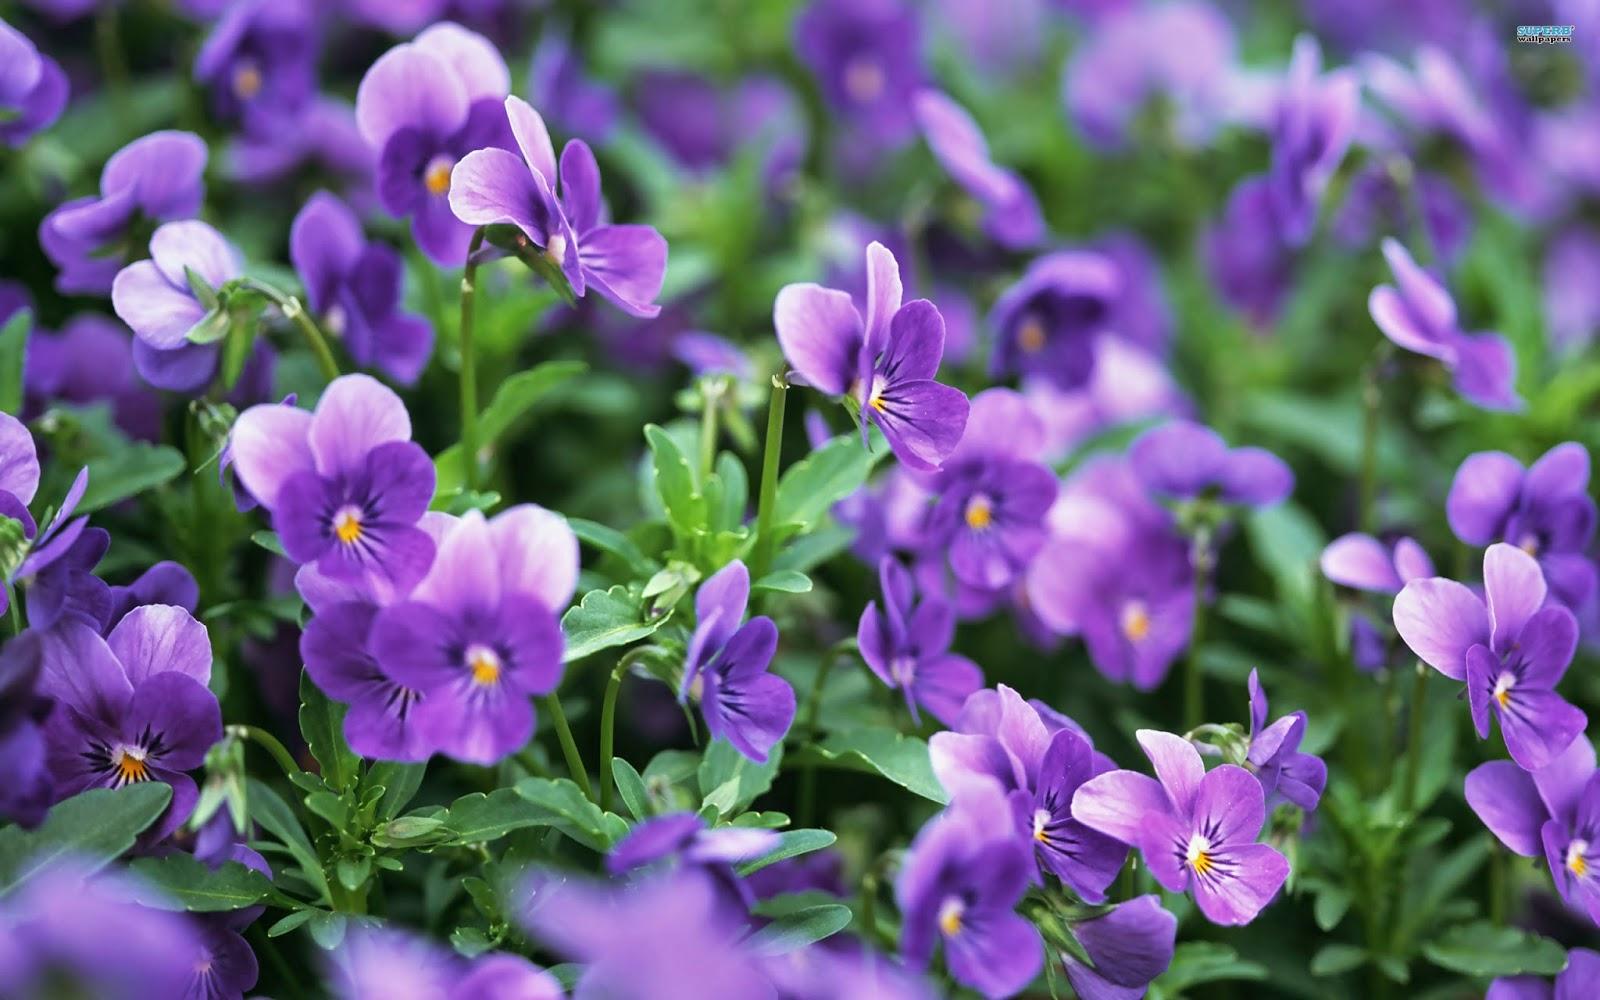 Kết quả hình ảnh cho hoa violet